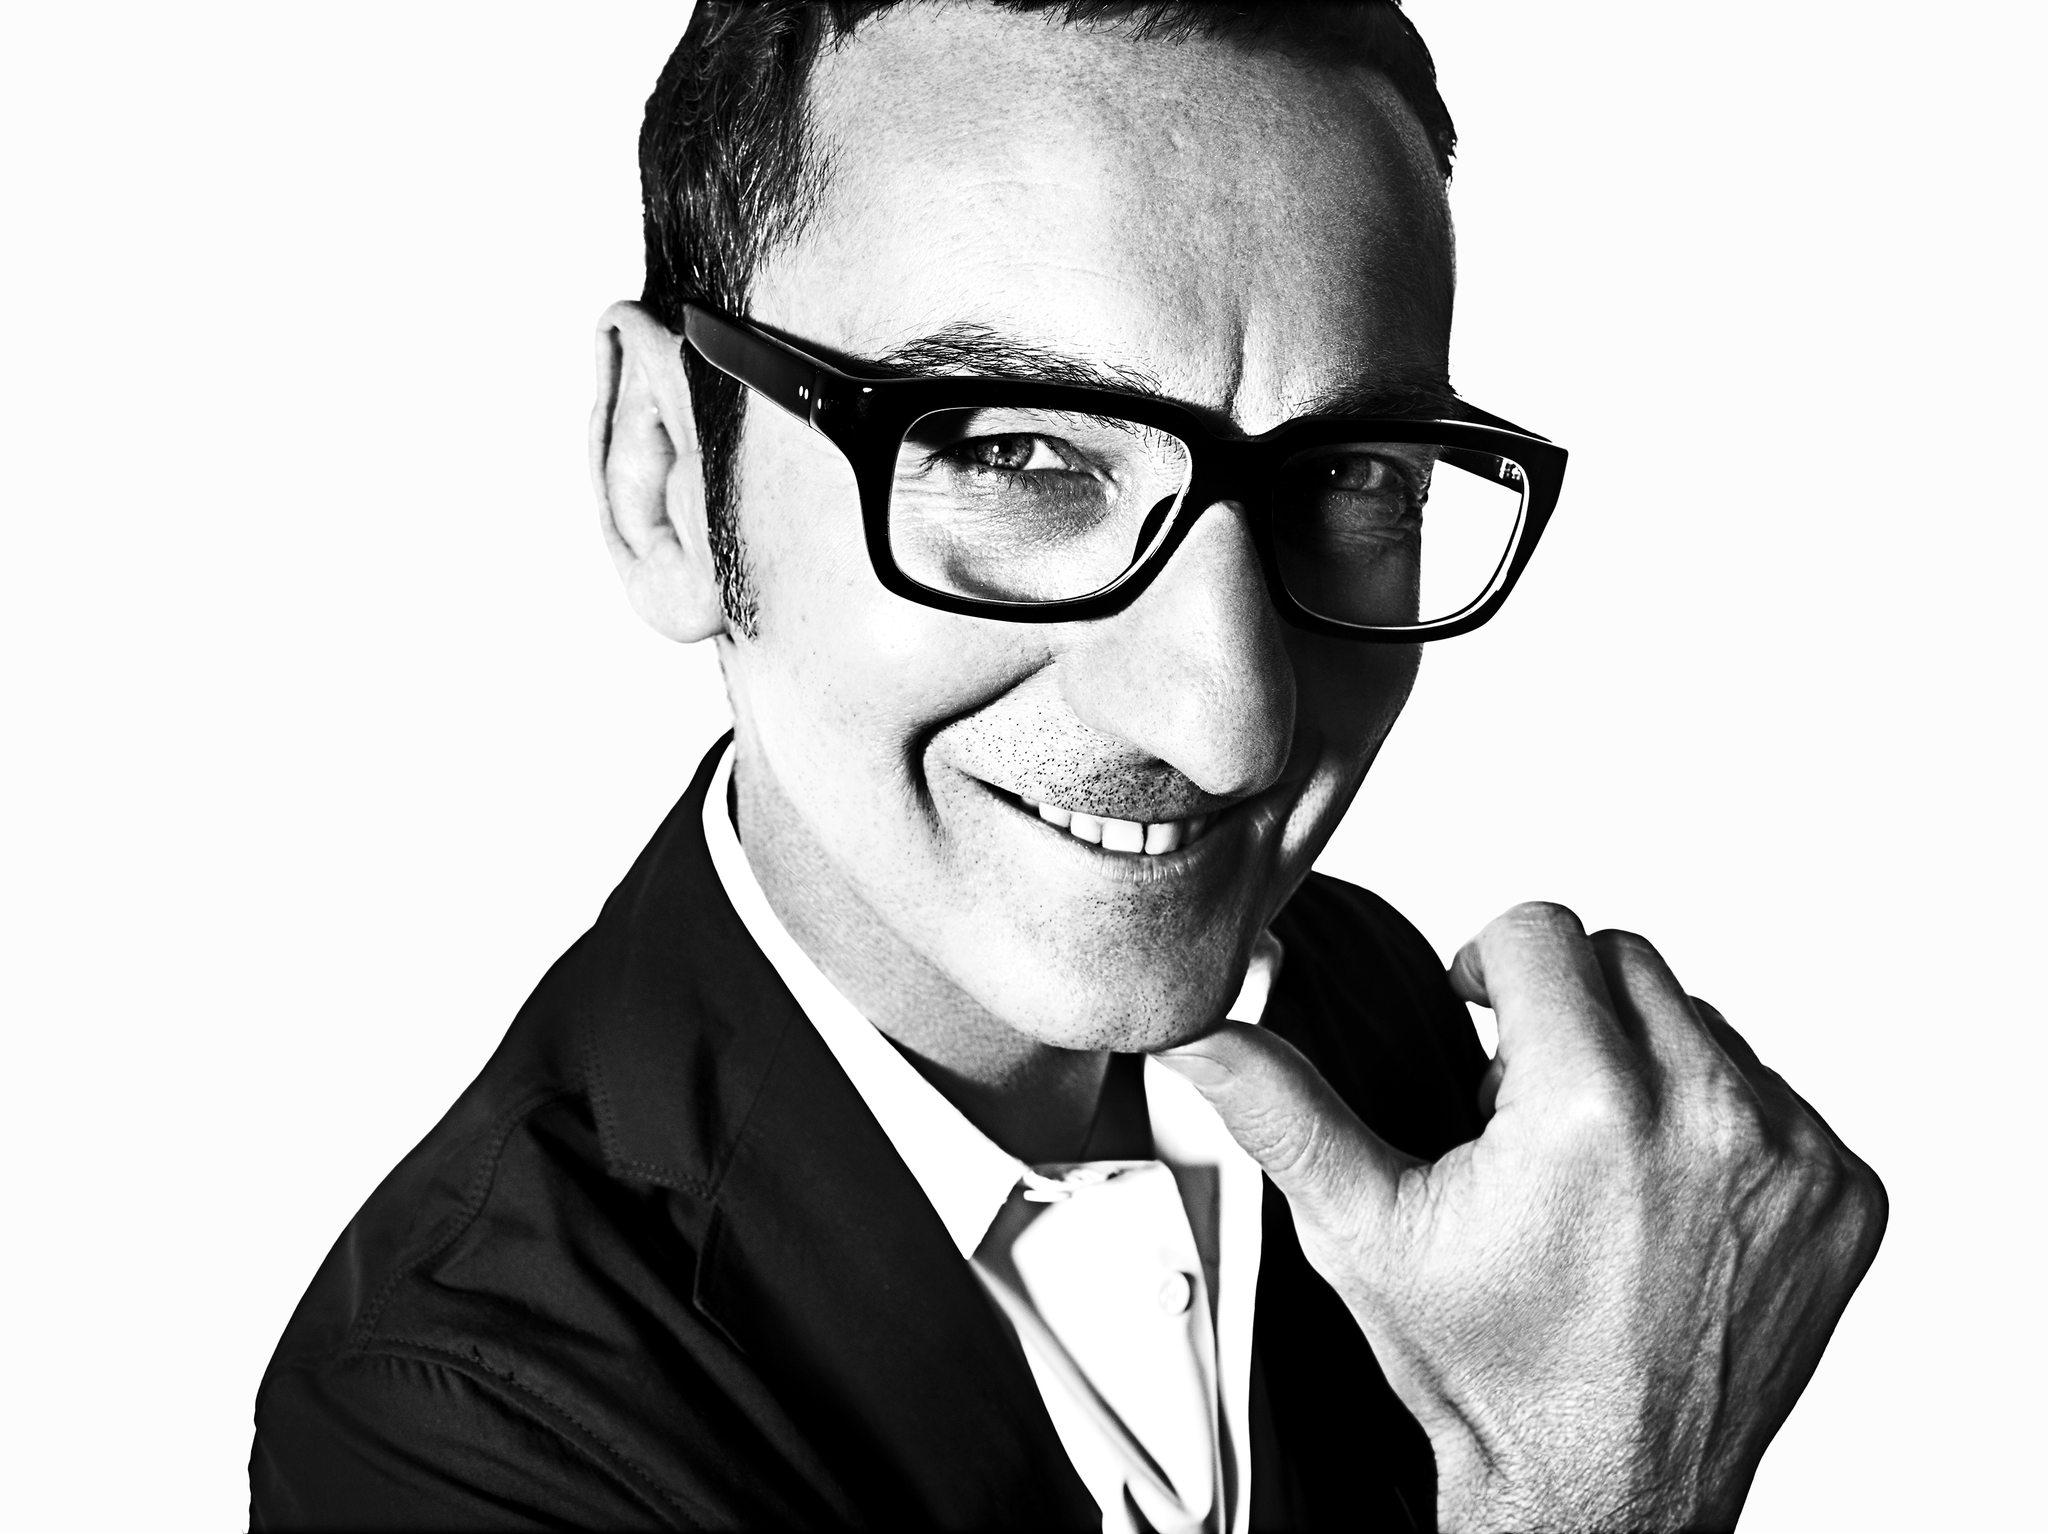 Giám đốc sáng tạo Bruno Frisoni rời khỏi thương hiệu Roger Vivier sau 16 năm gắn bó